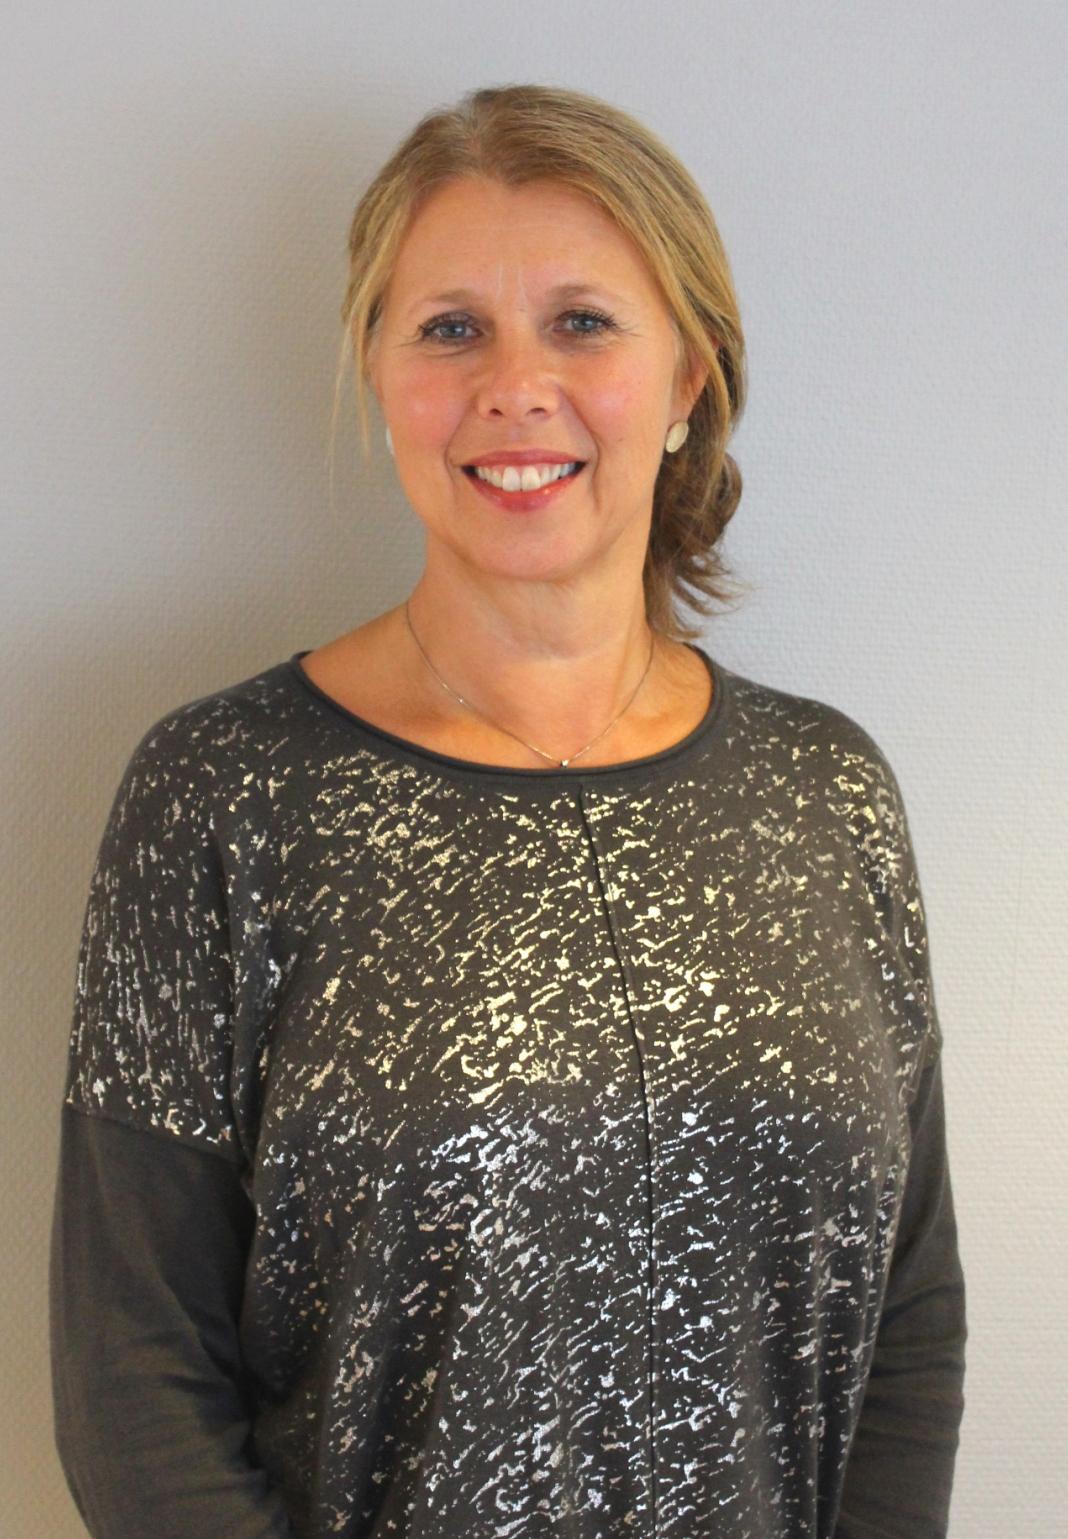 Margareta Hillerström våra medarbetare